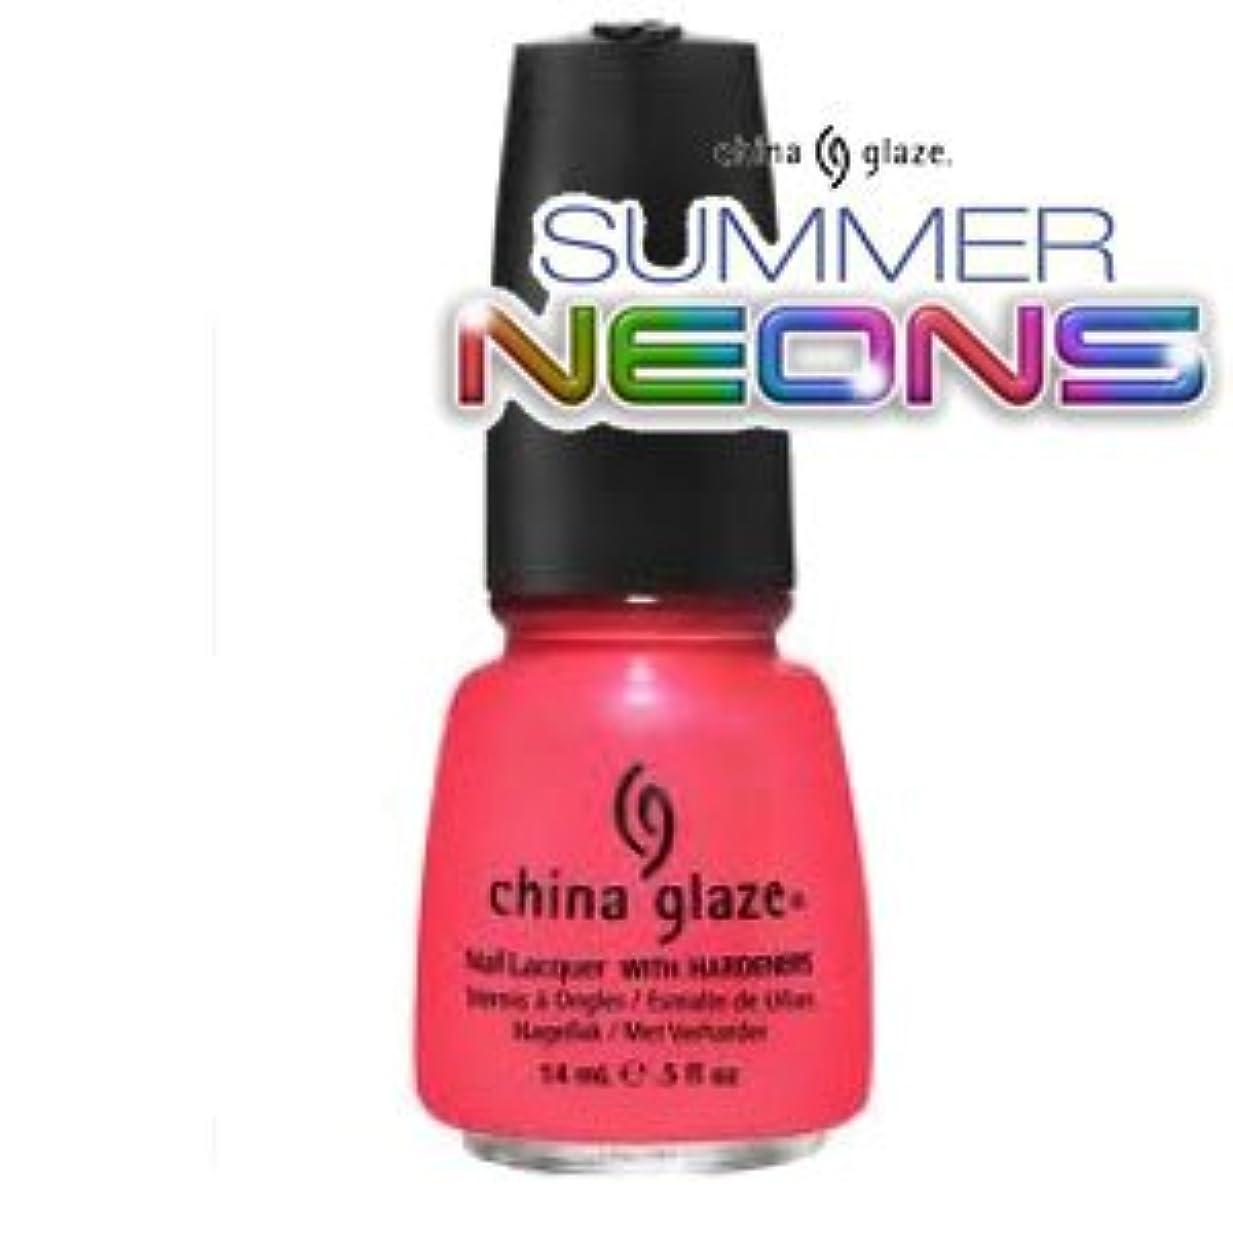 陰謀アッティカスアライメント(チャイナグレイズ)China Glaze Flirty Tankiniーサマーネオン コレクション [海外直送品][並行輸入品]